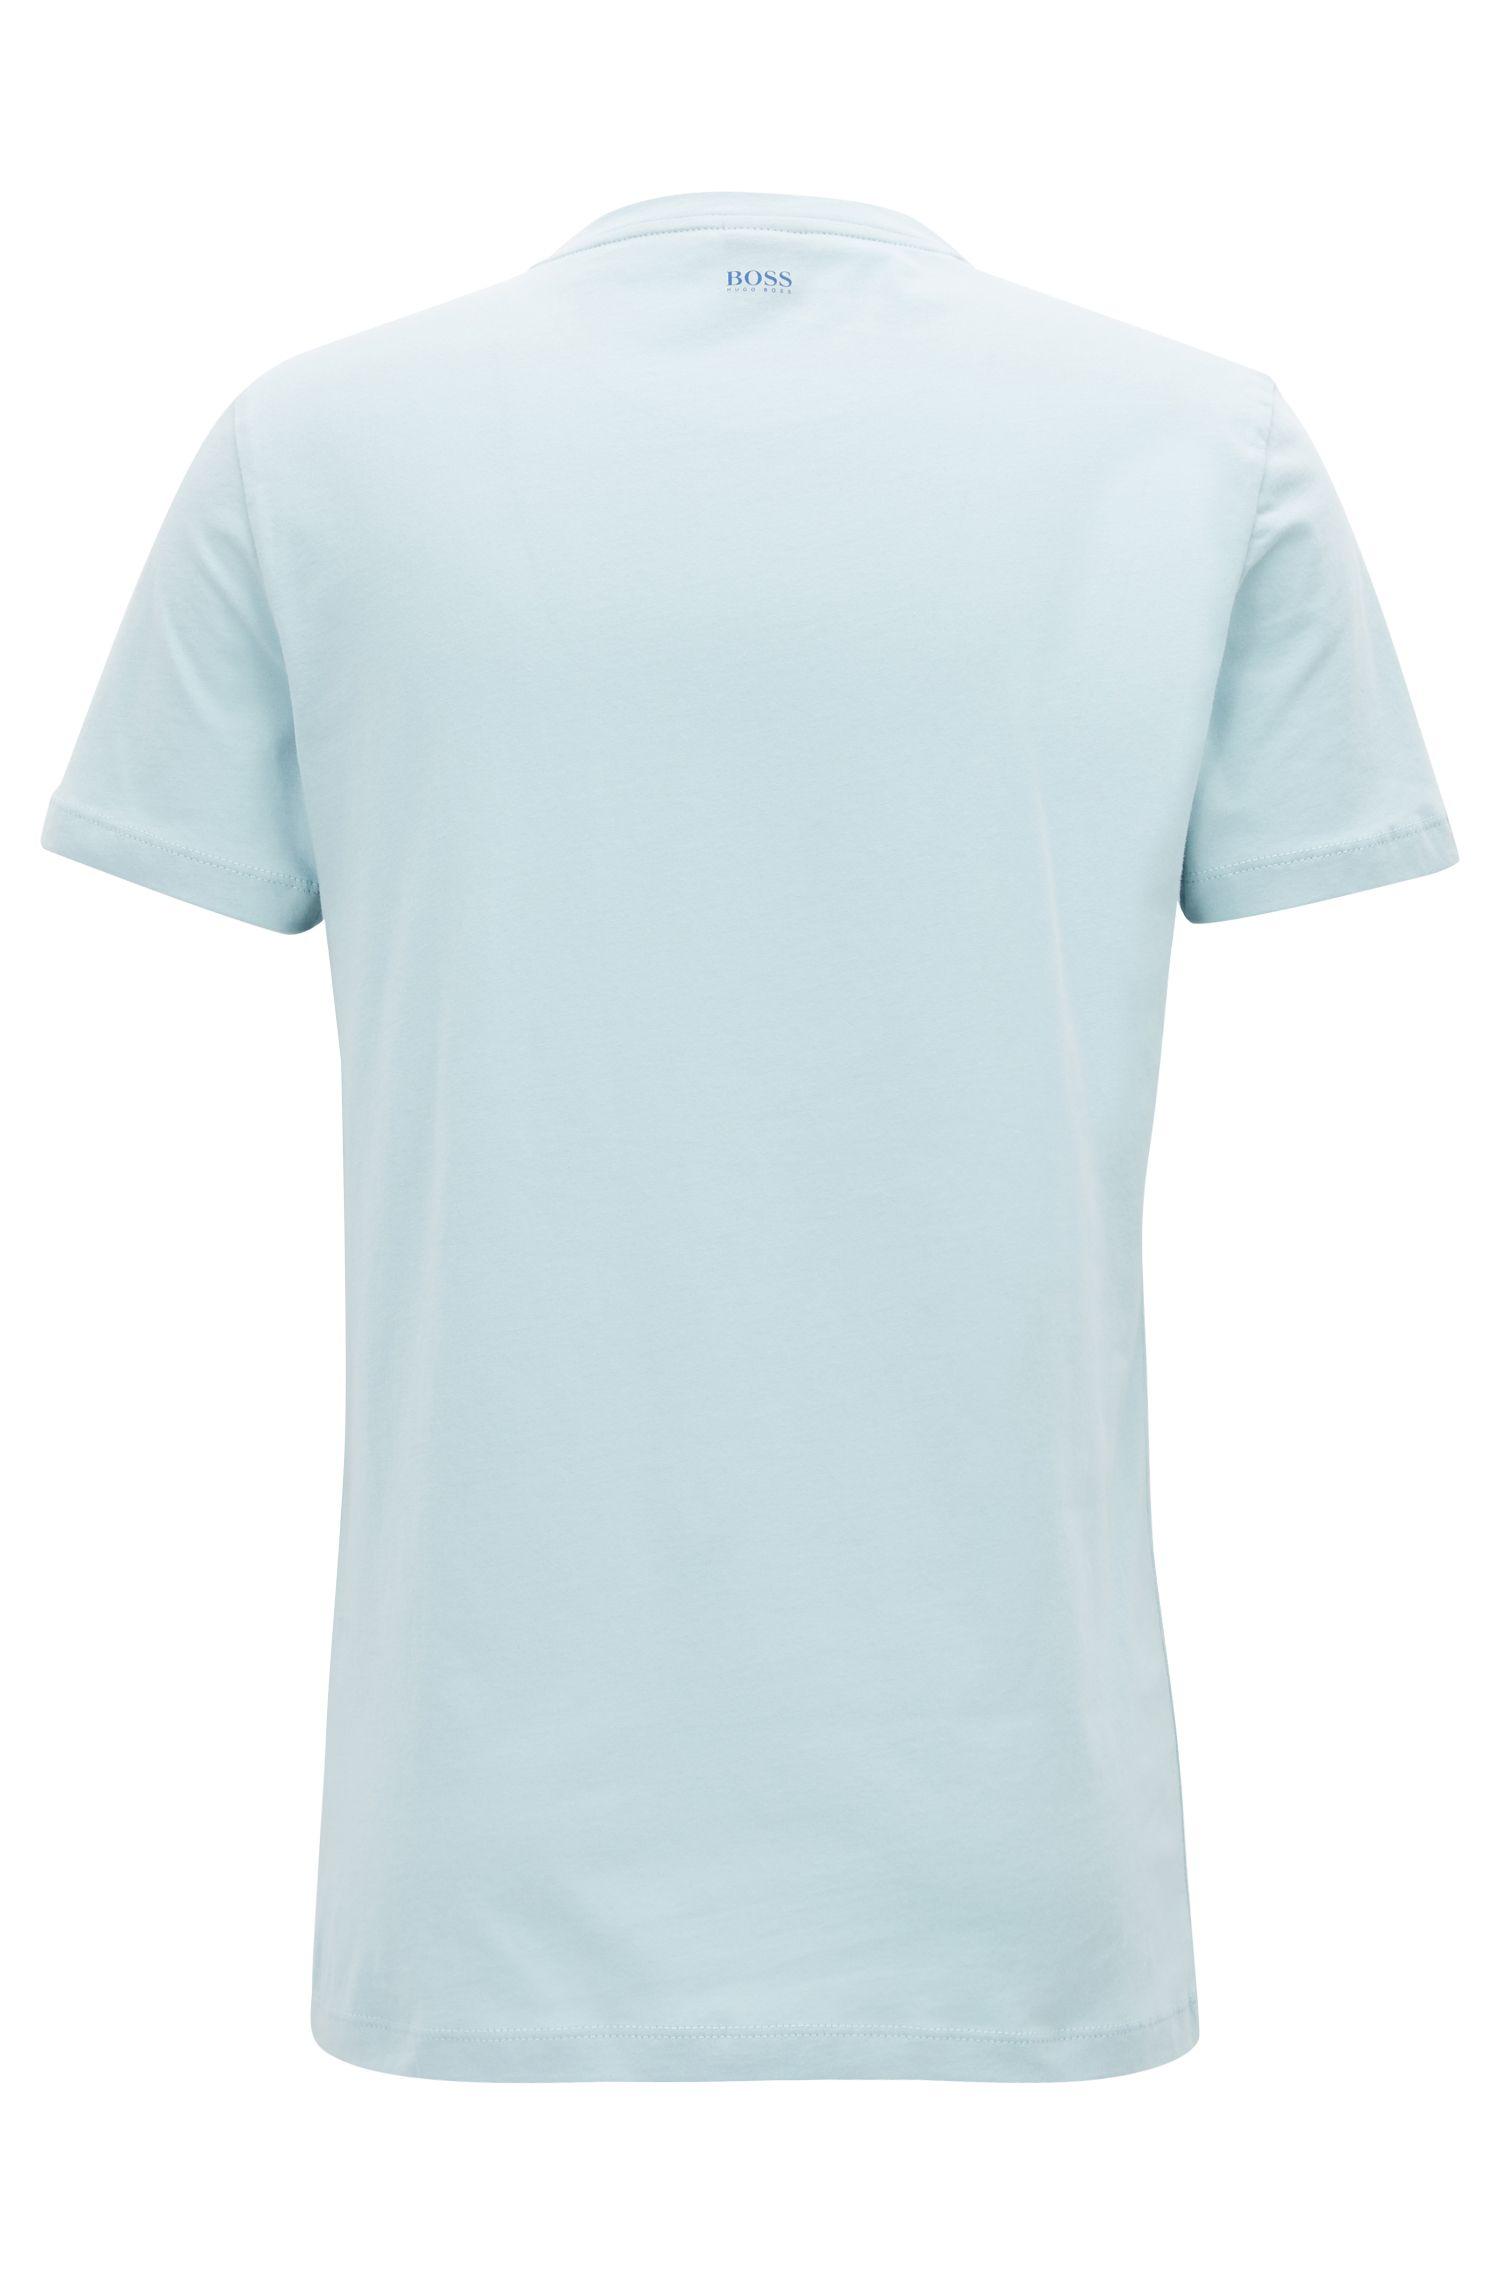 T-shirt van jersey met gevlokt logo in dégradé, Lichtblauw